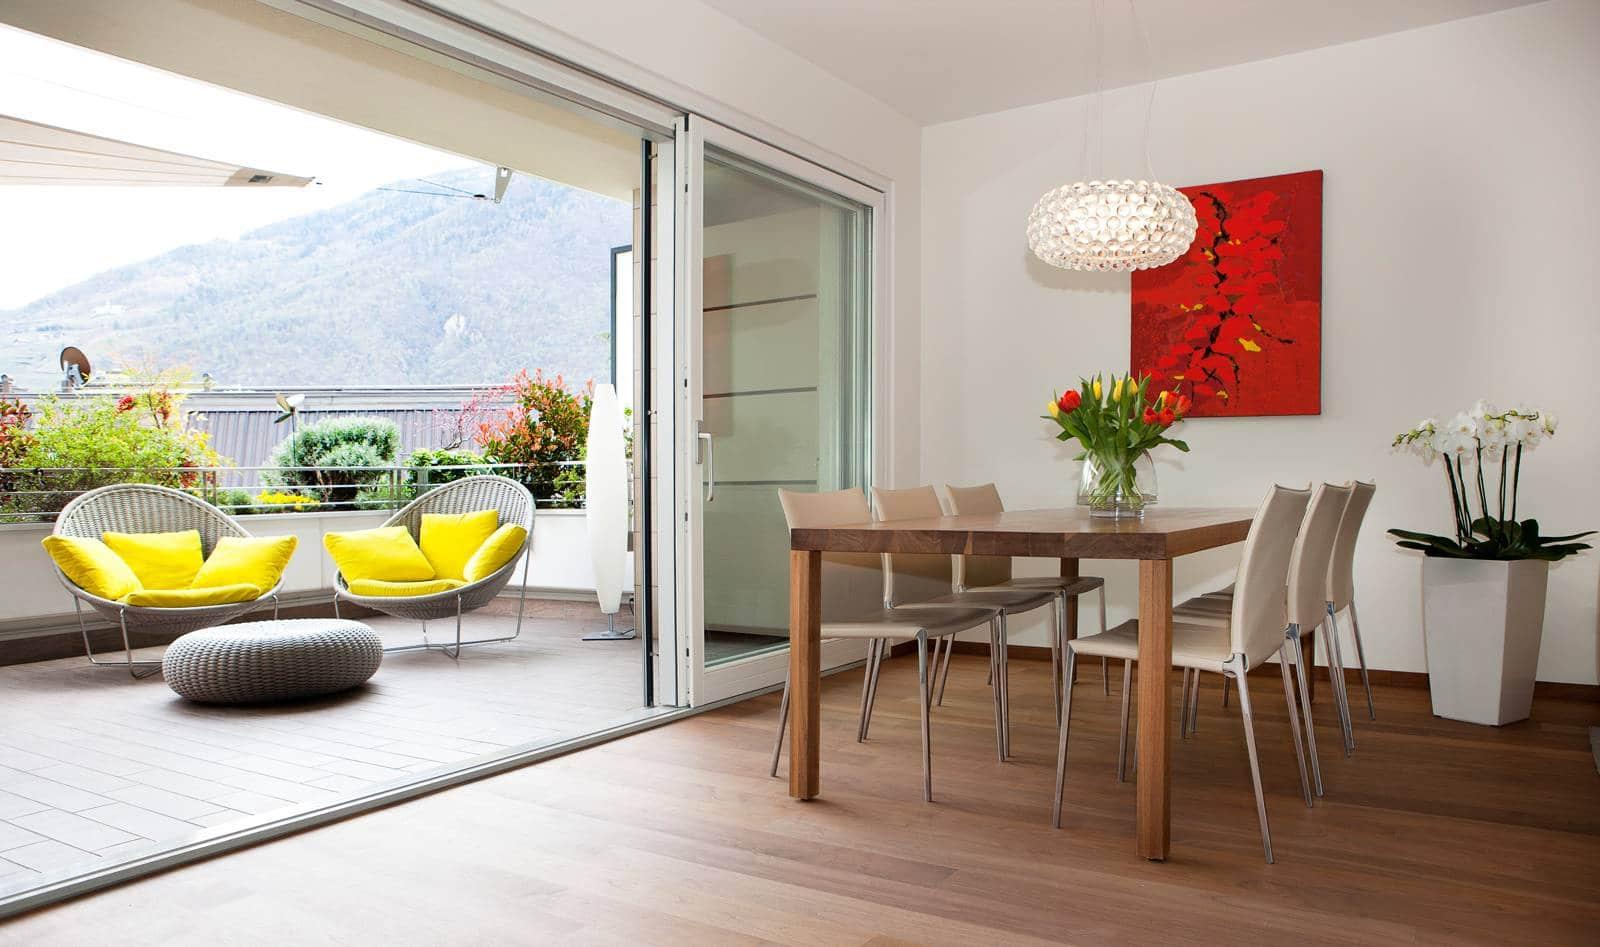 Dise o de planos de apartamento e interior construye hogar for Diseno de interiores ibiza